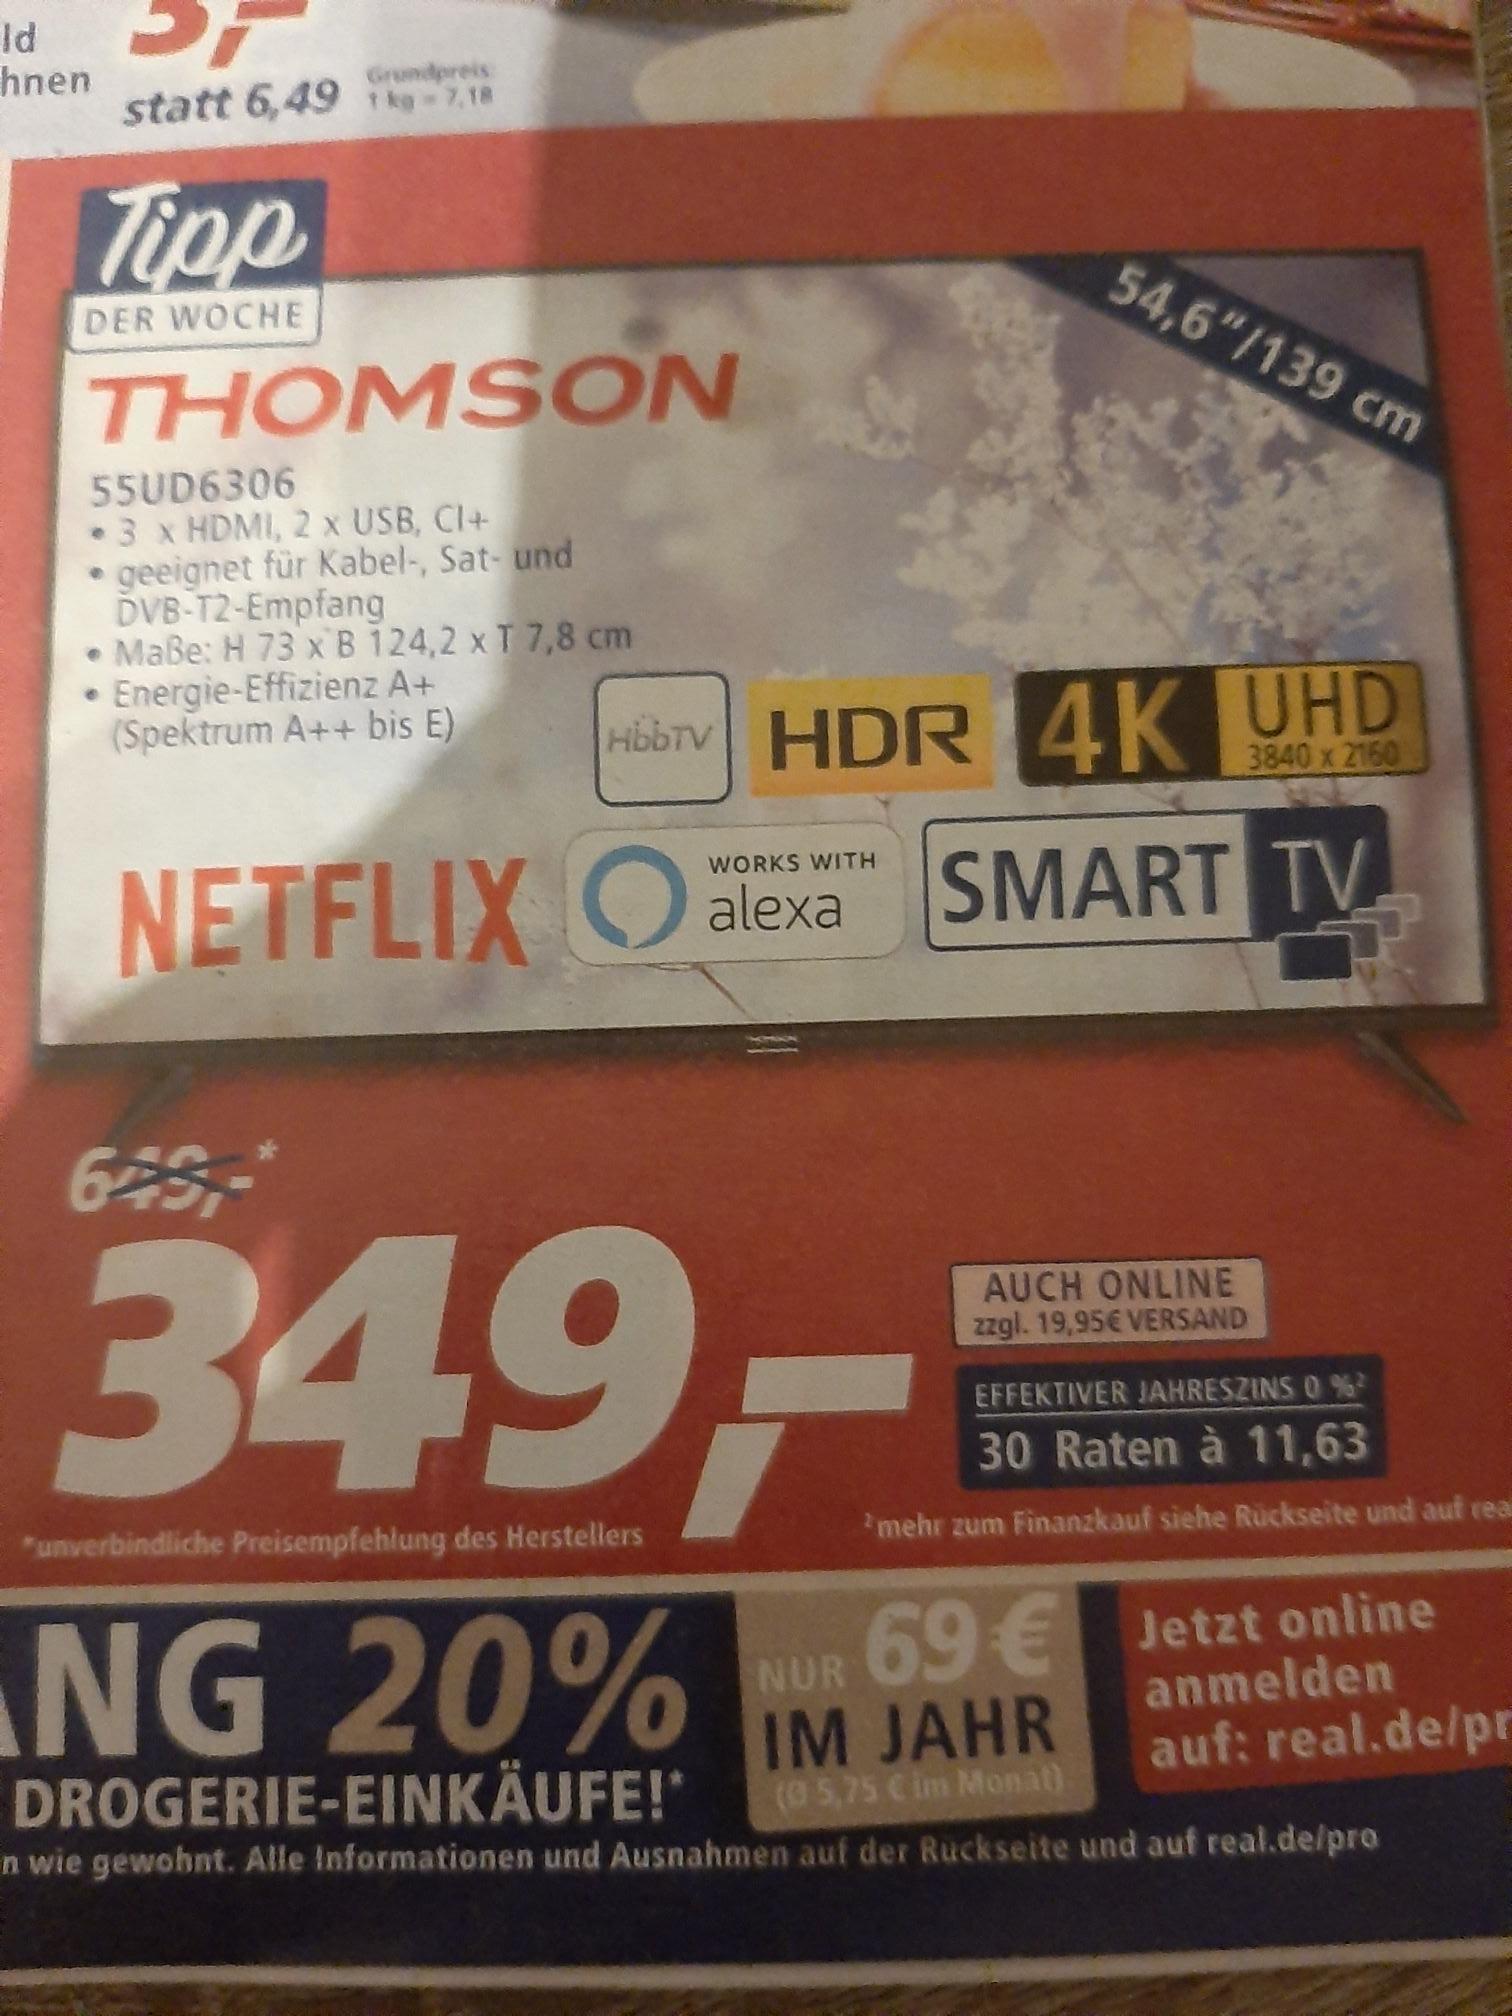 real,- Tipp der Woche Thomson 55UD6306 Fernseher